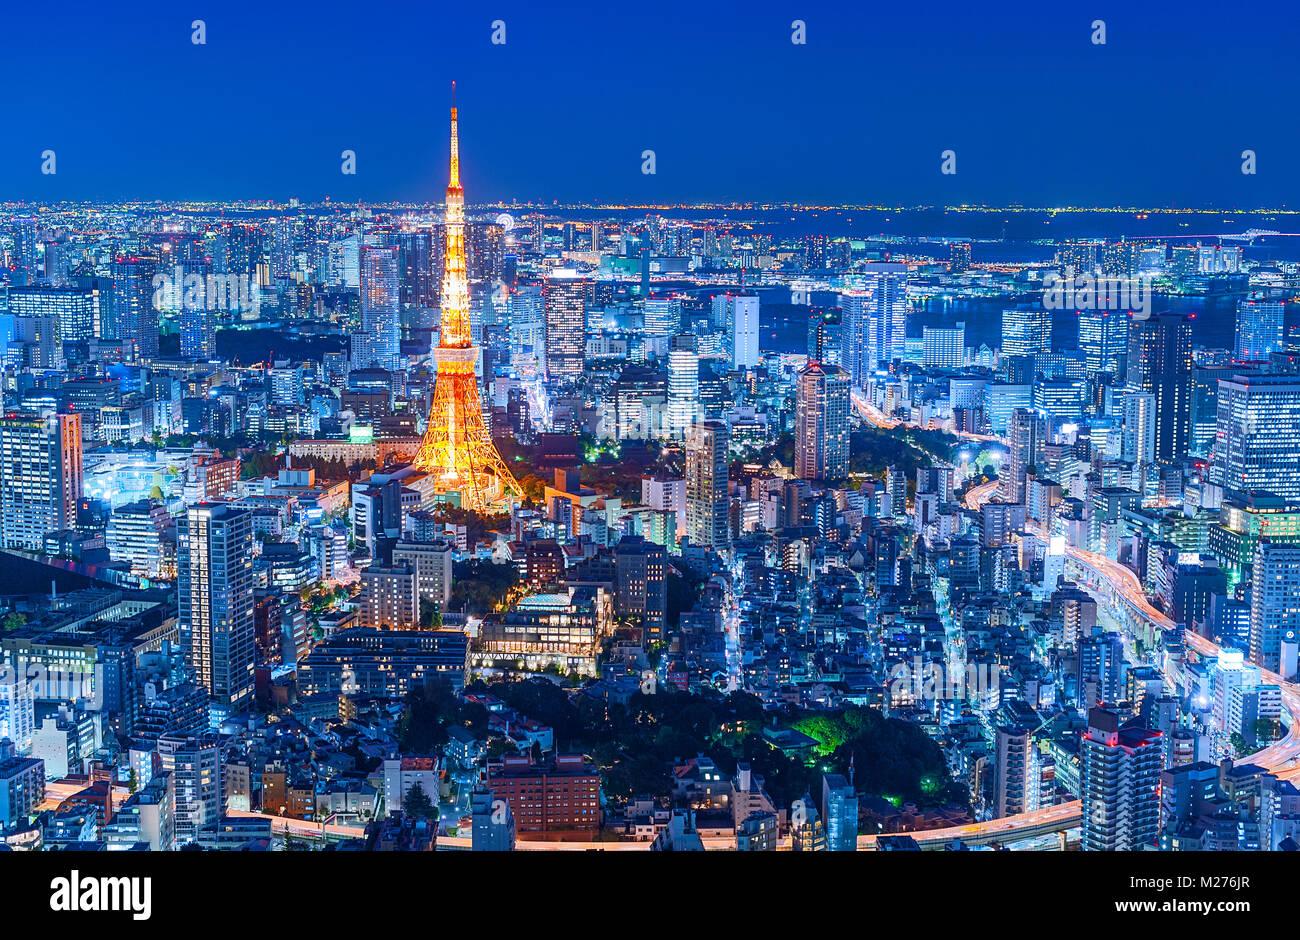 Lo skyline di Tokyo Tokyo Tower luci della città Immagini Stock